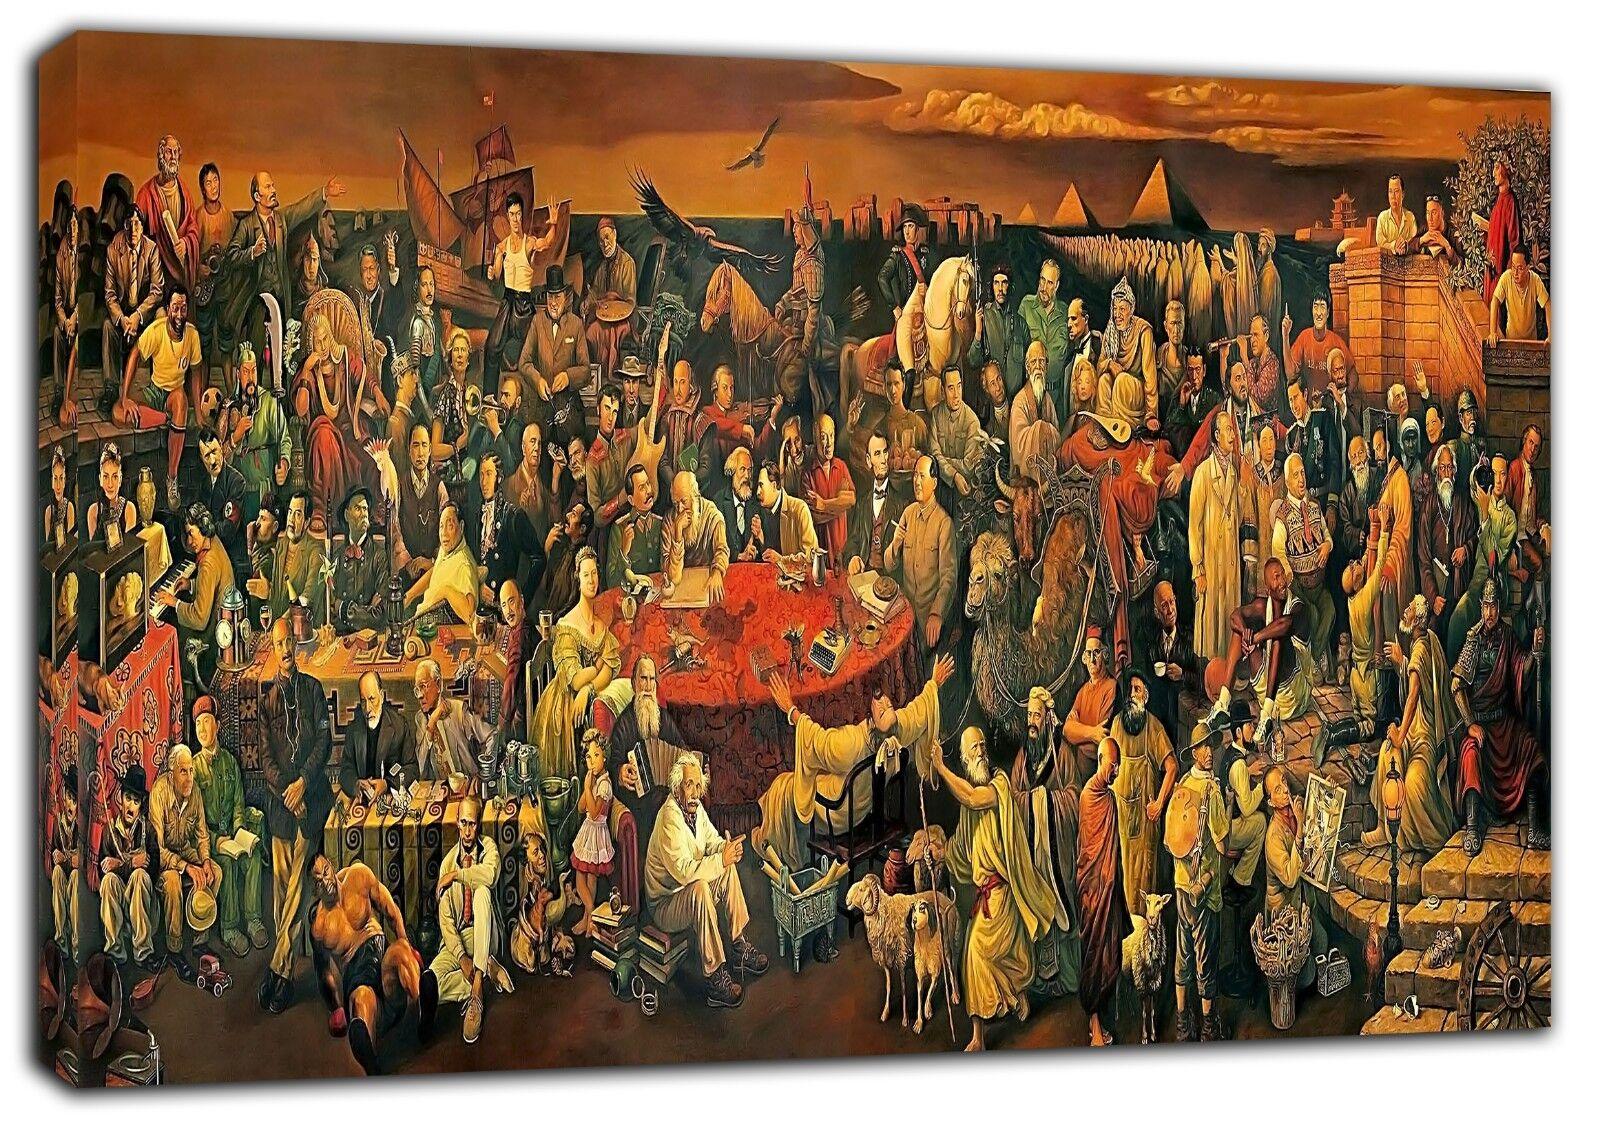 Più grandi filosofi foto foto foto con Stampa Su Tela Incorniciato Wall Art Decoration e30a08